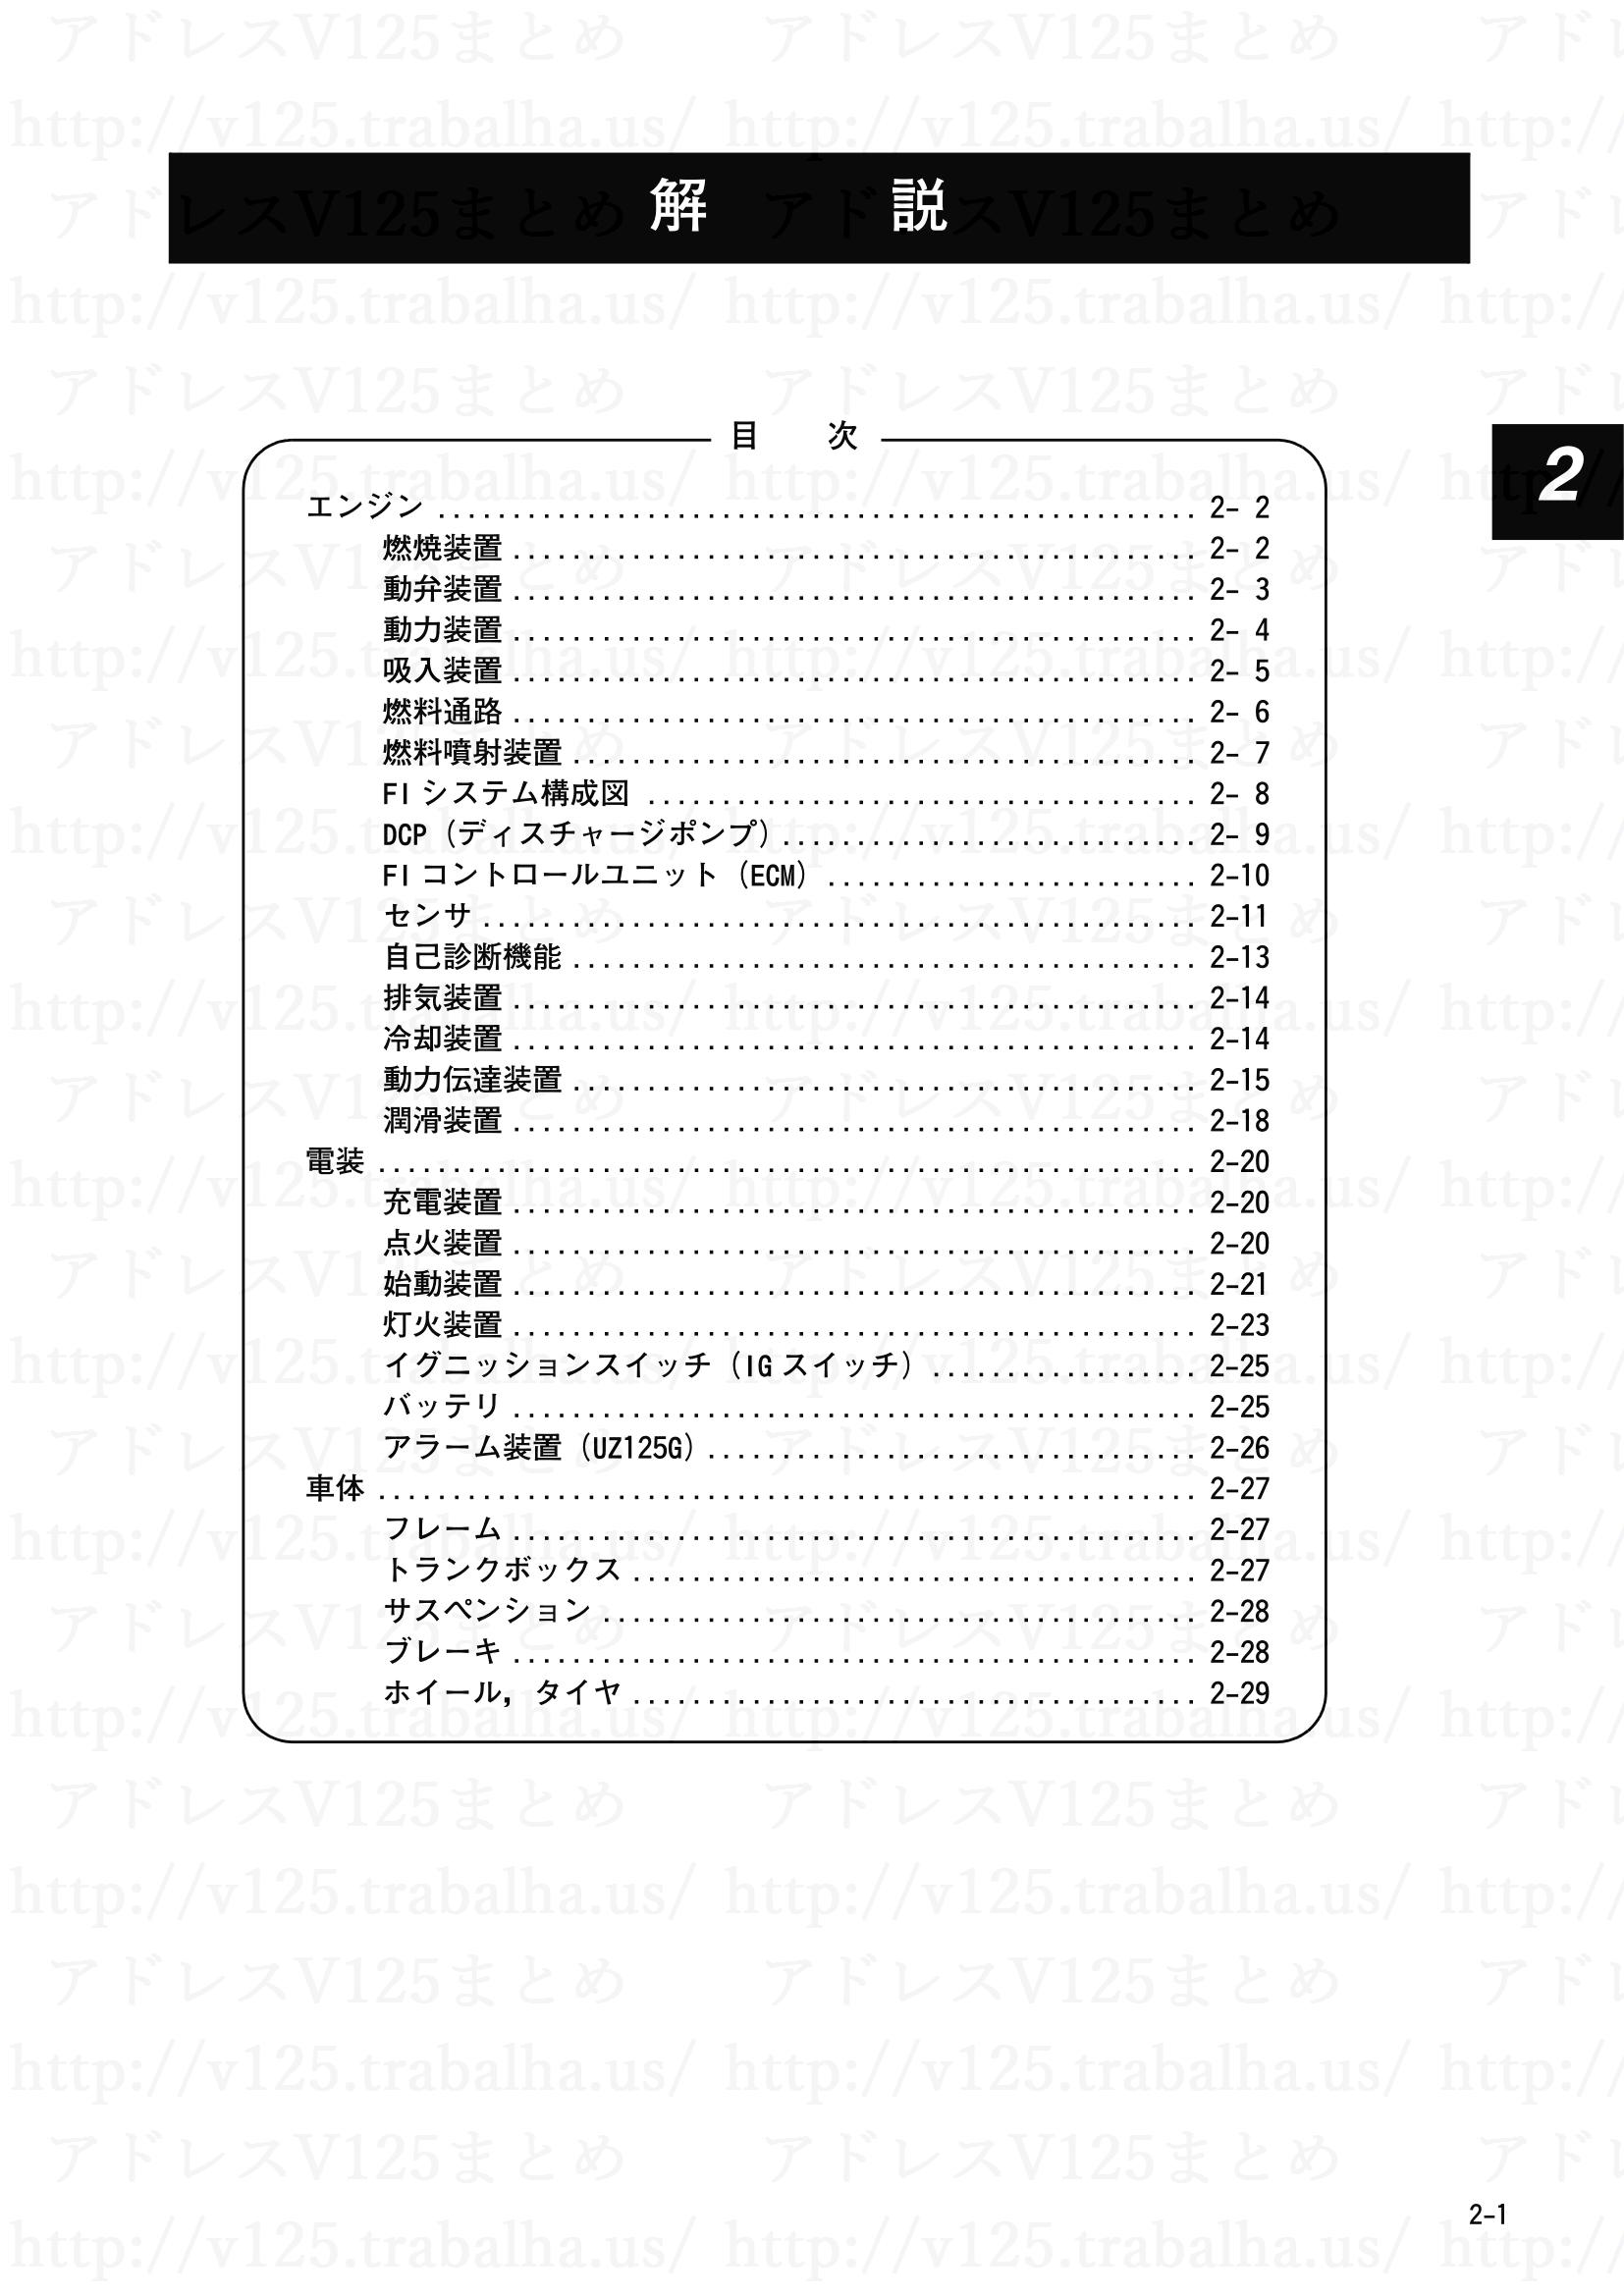 2-1【解説】目次